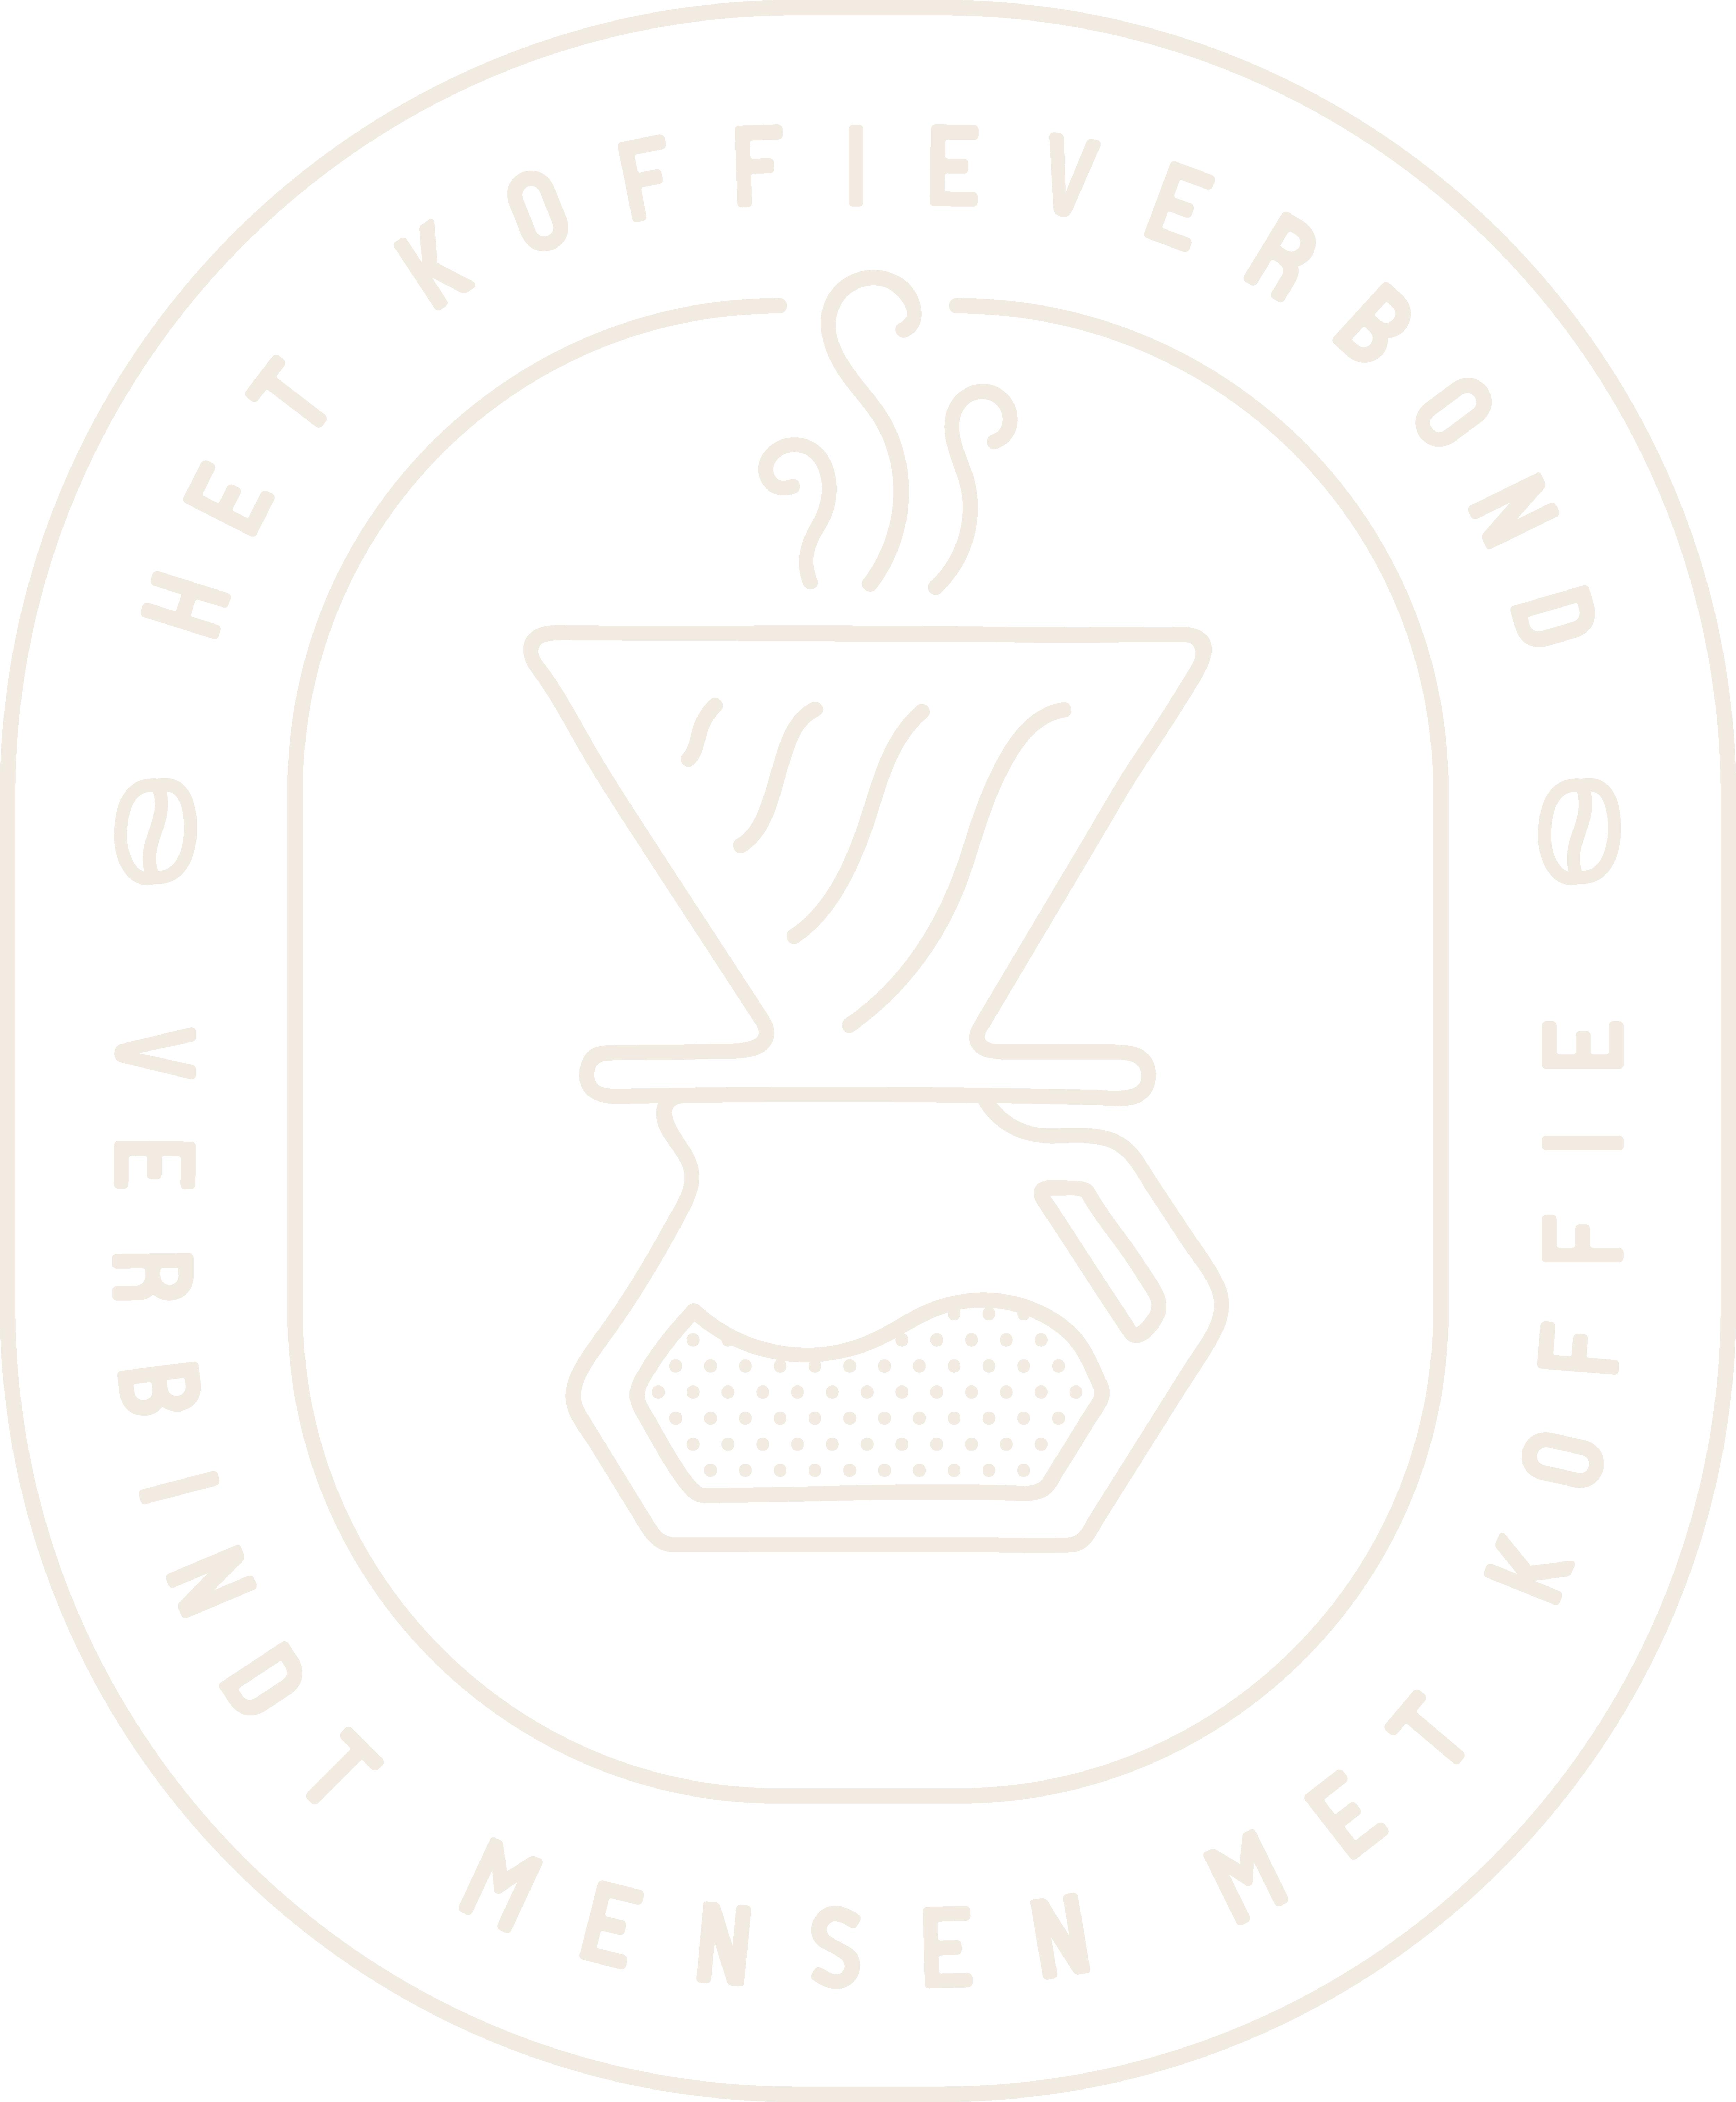 Het Koffieverbond logo